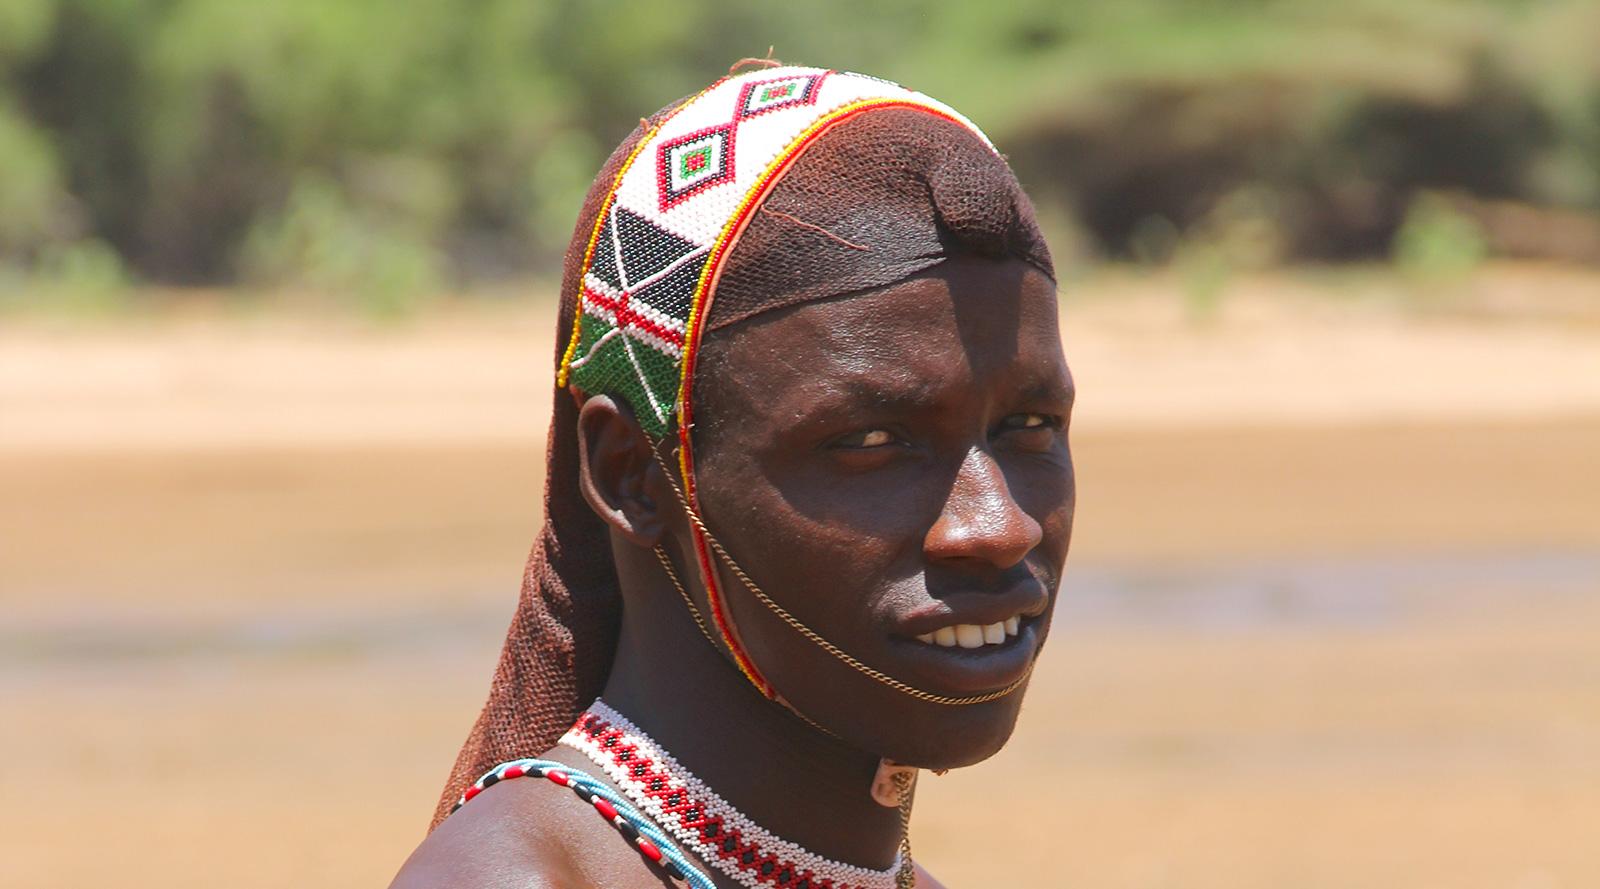 © Benedetta Mazzini | Samburu